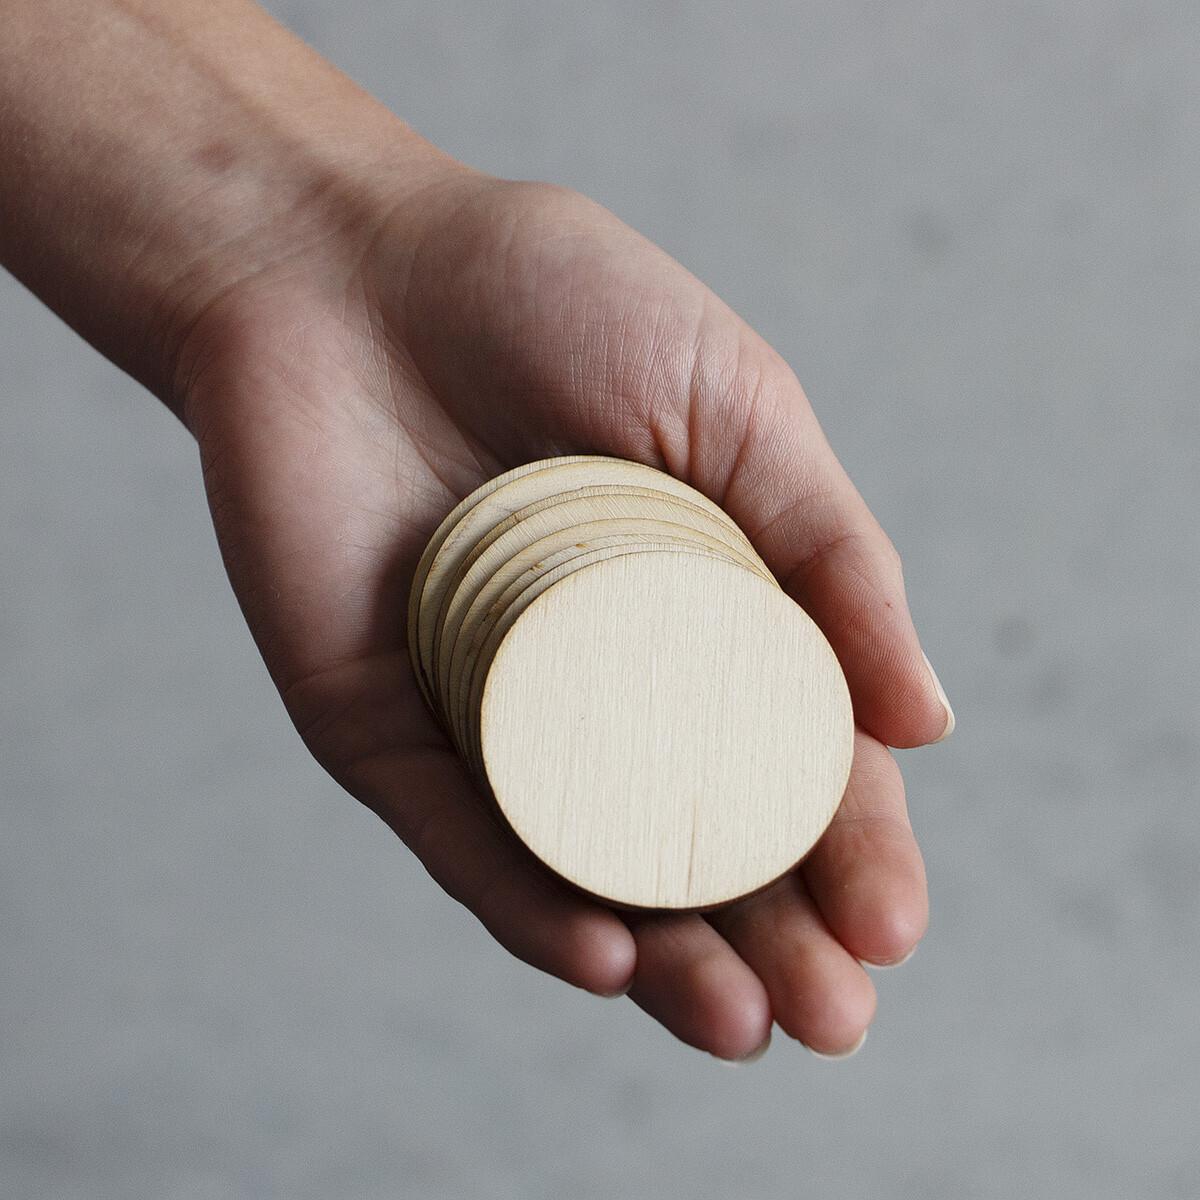 10 st ck holzscheiben 5 cm holzrad basteln bemalen besc - Holz beschriften ...